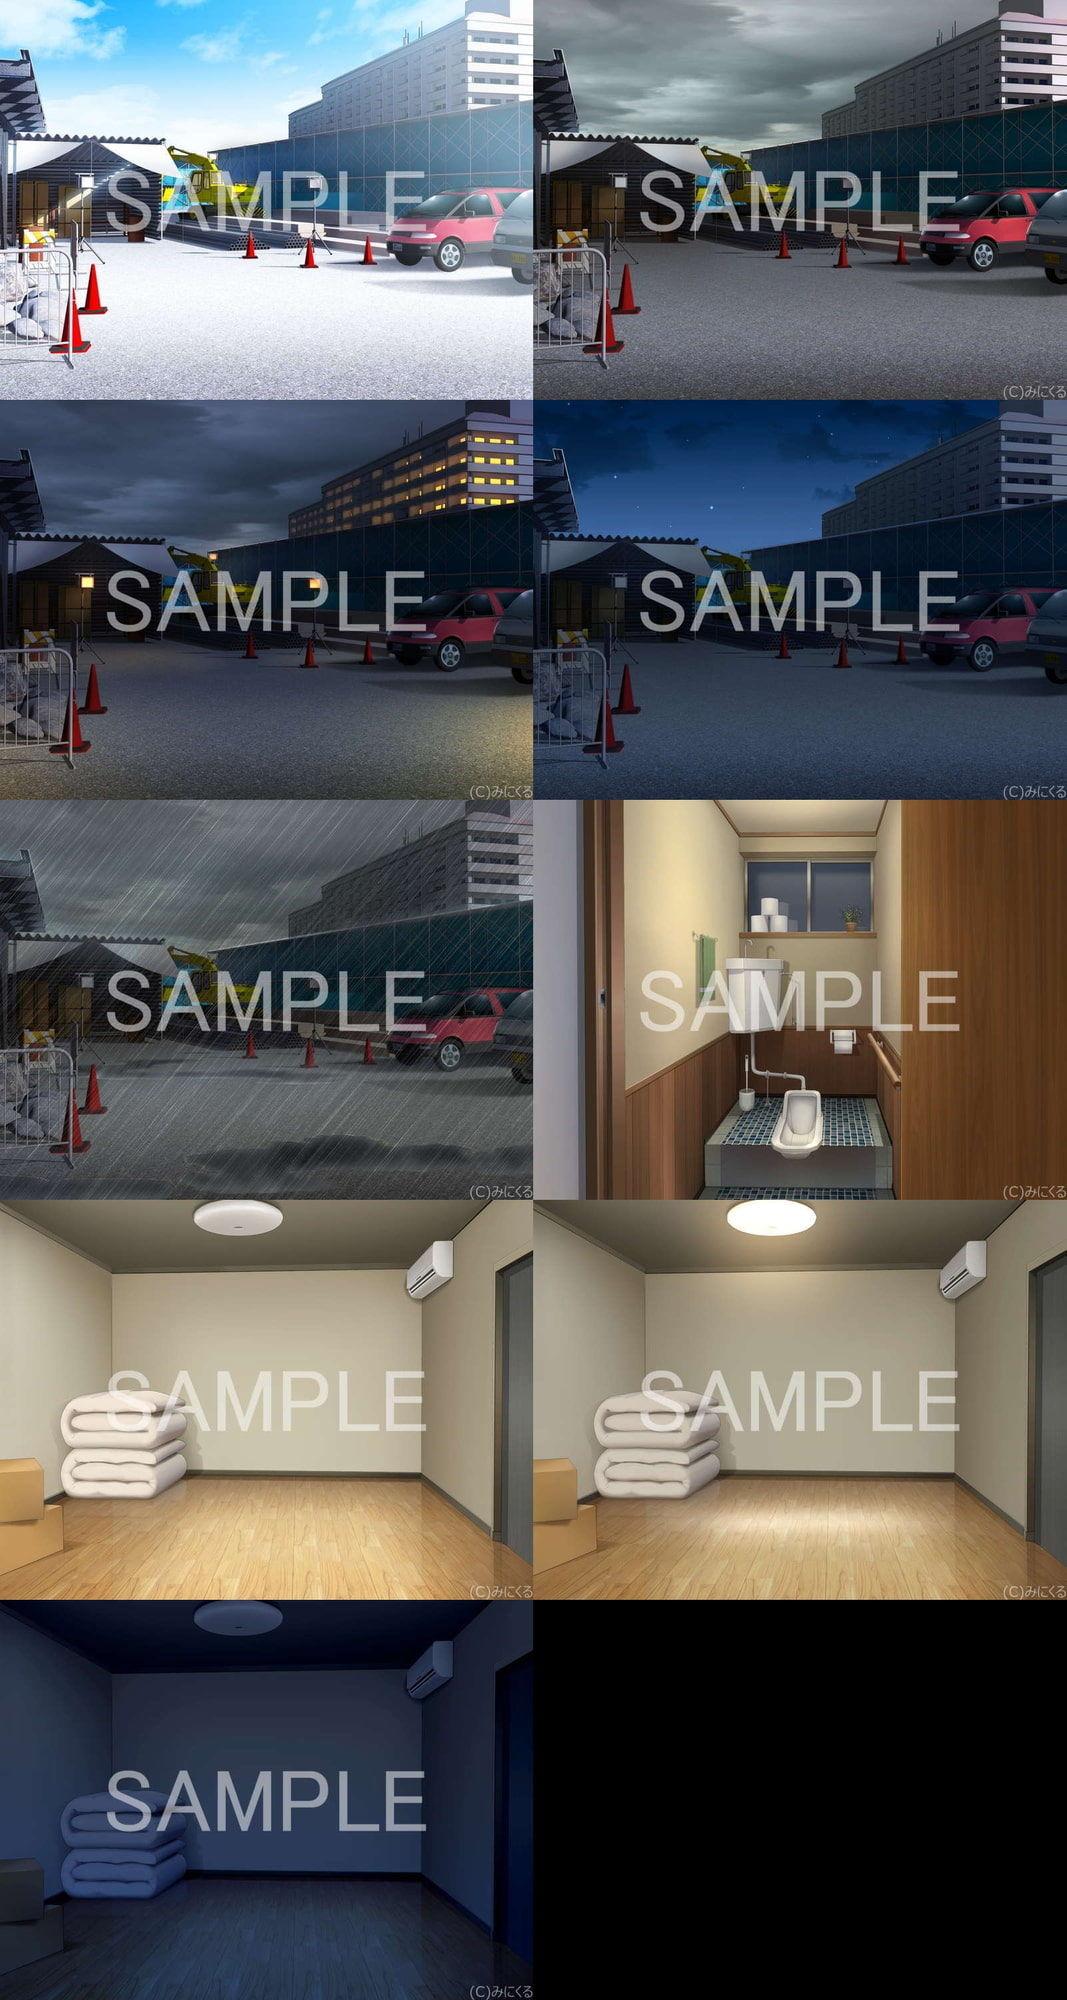 みにくる背景CG素材集『特殊編』part01のサンプル画像6